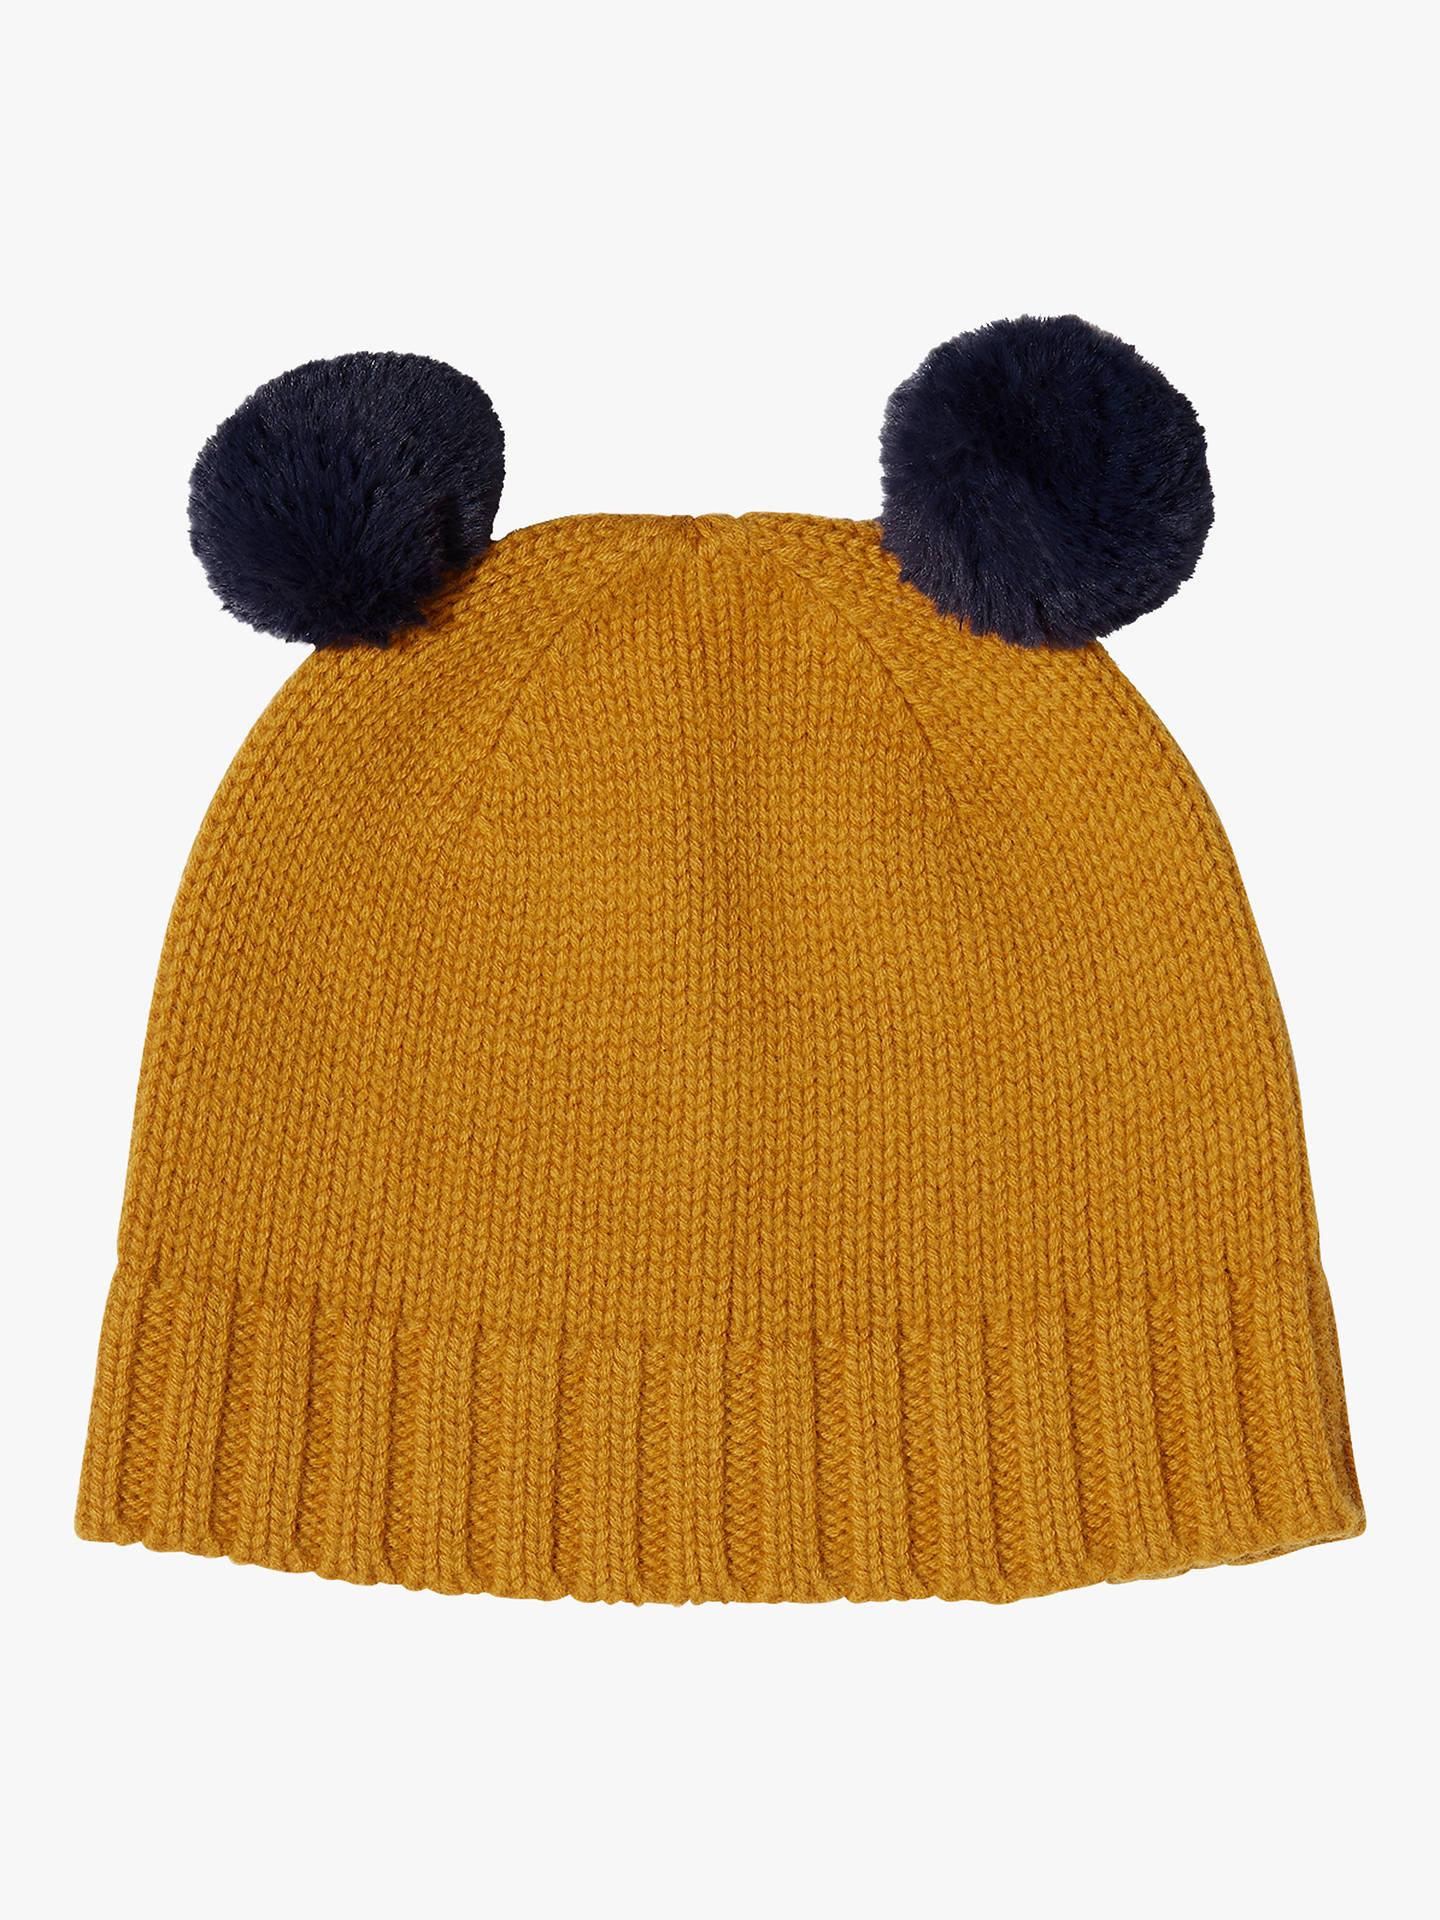 BuyJigsaw Children s Faux Fur Pom Pom Hat 58a72761707